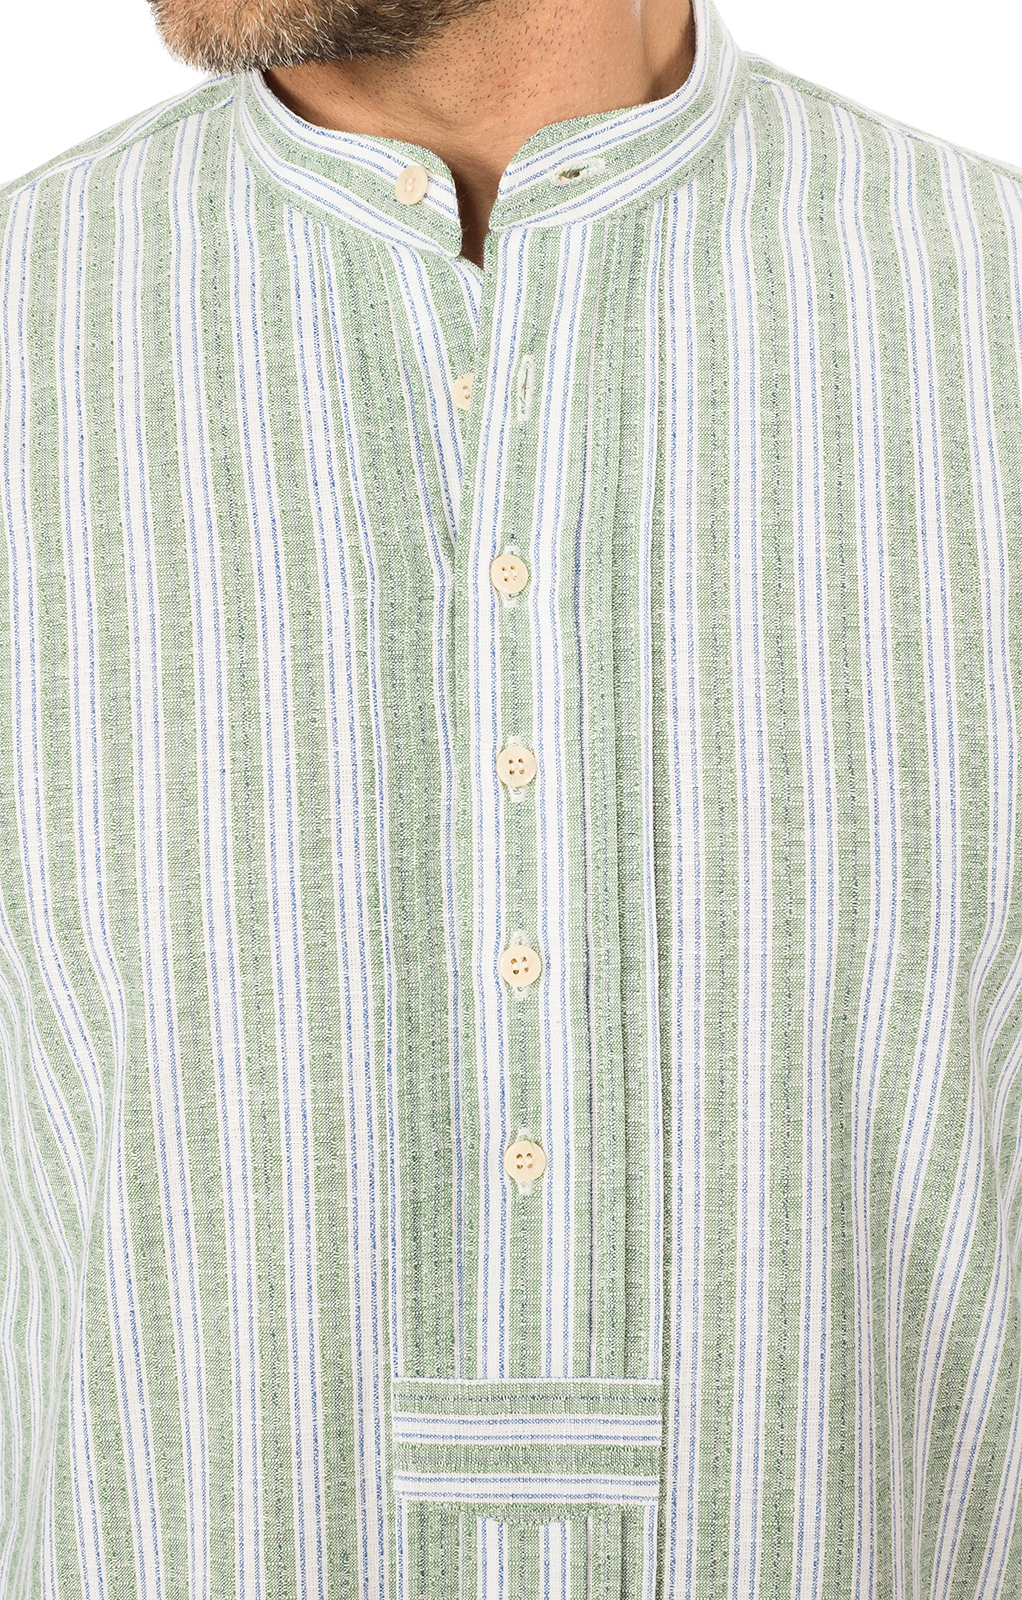 weitere Bilder von German traditional shirt Pfoad green